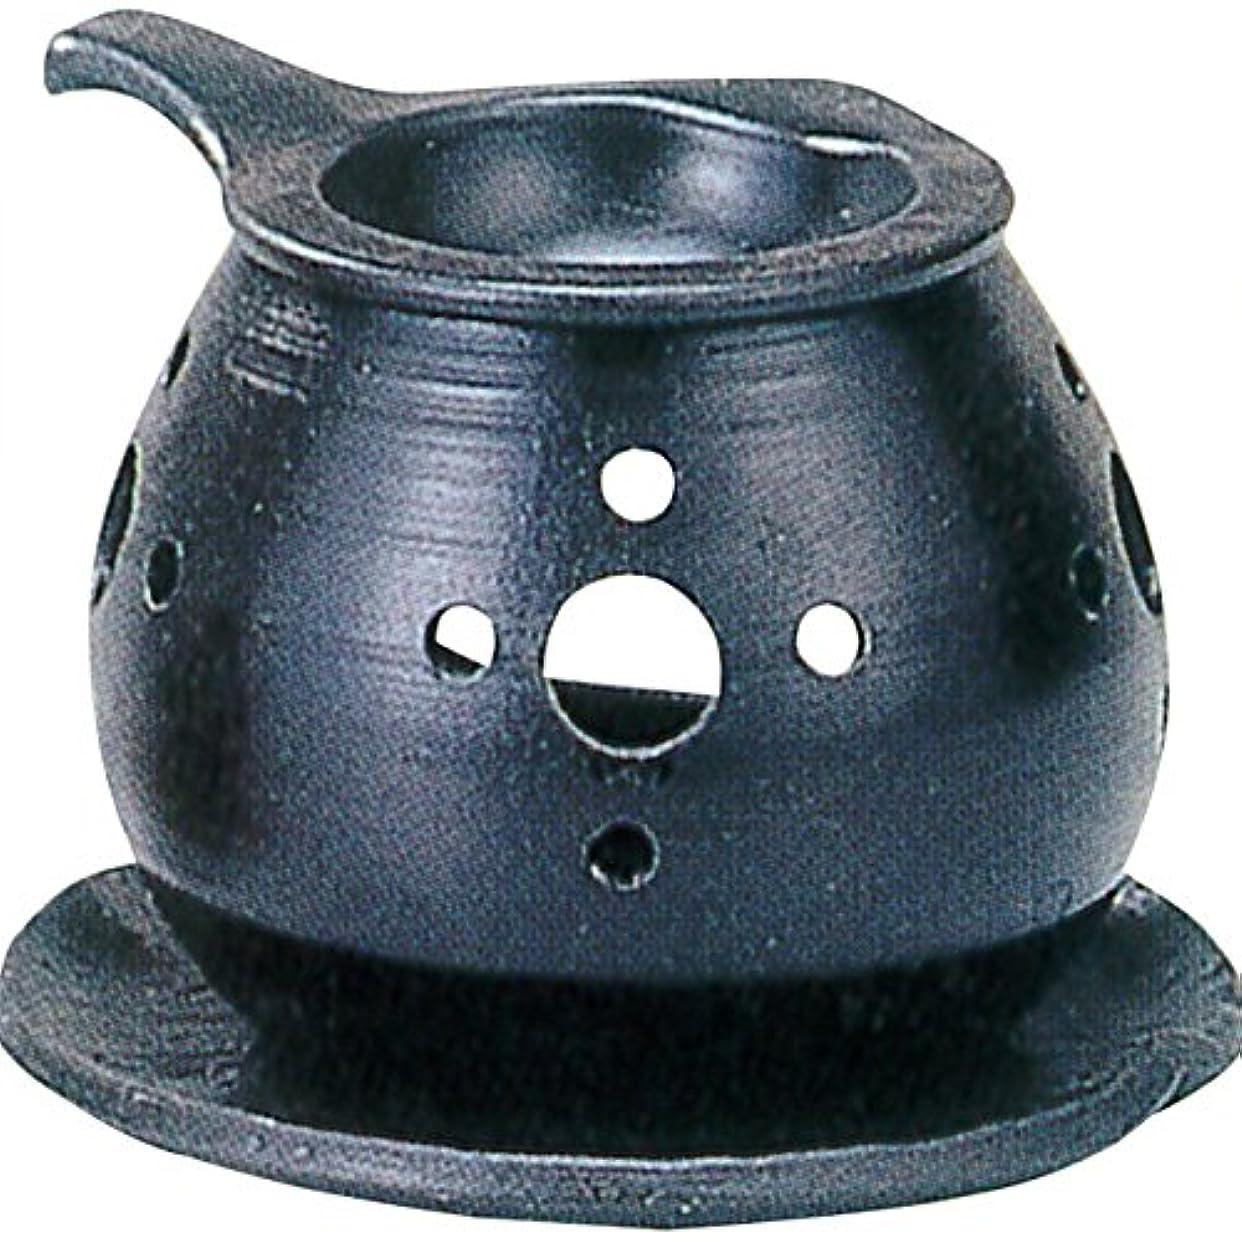 自己尊重ゴネリルわずらわしい茶香炉 : 常滑焼 間宮 茶香炉? ル35-03